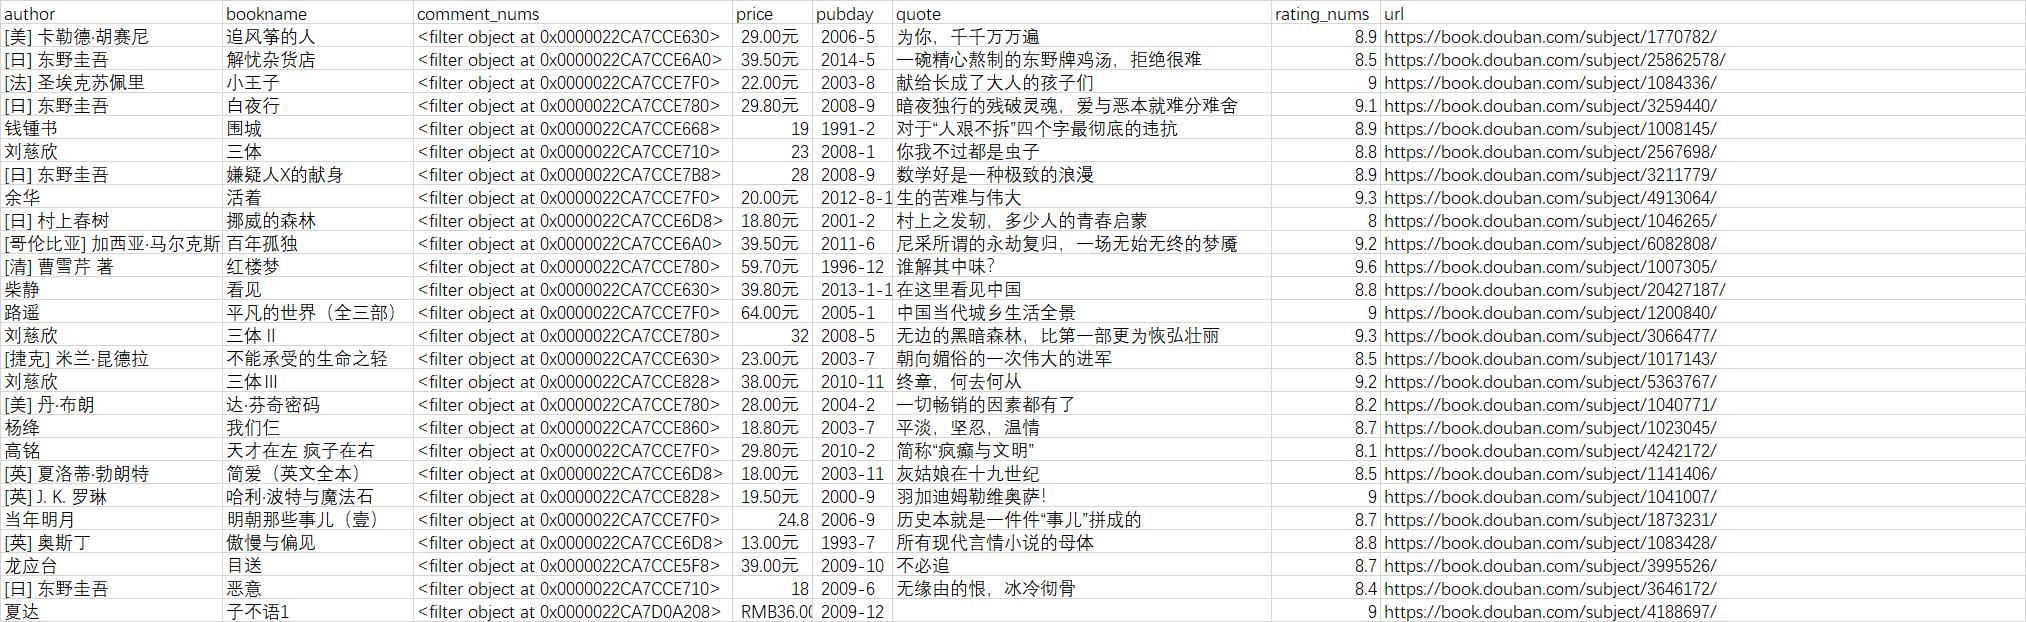 douban_top250 (2).png